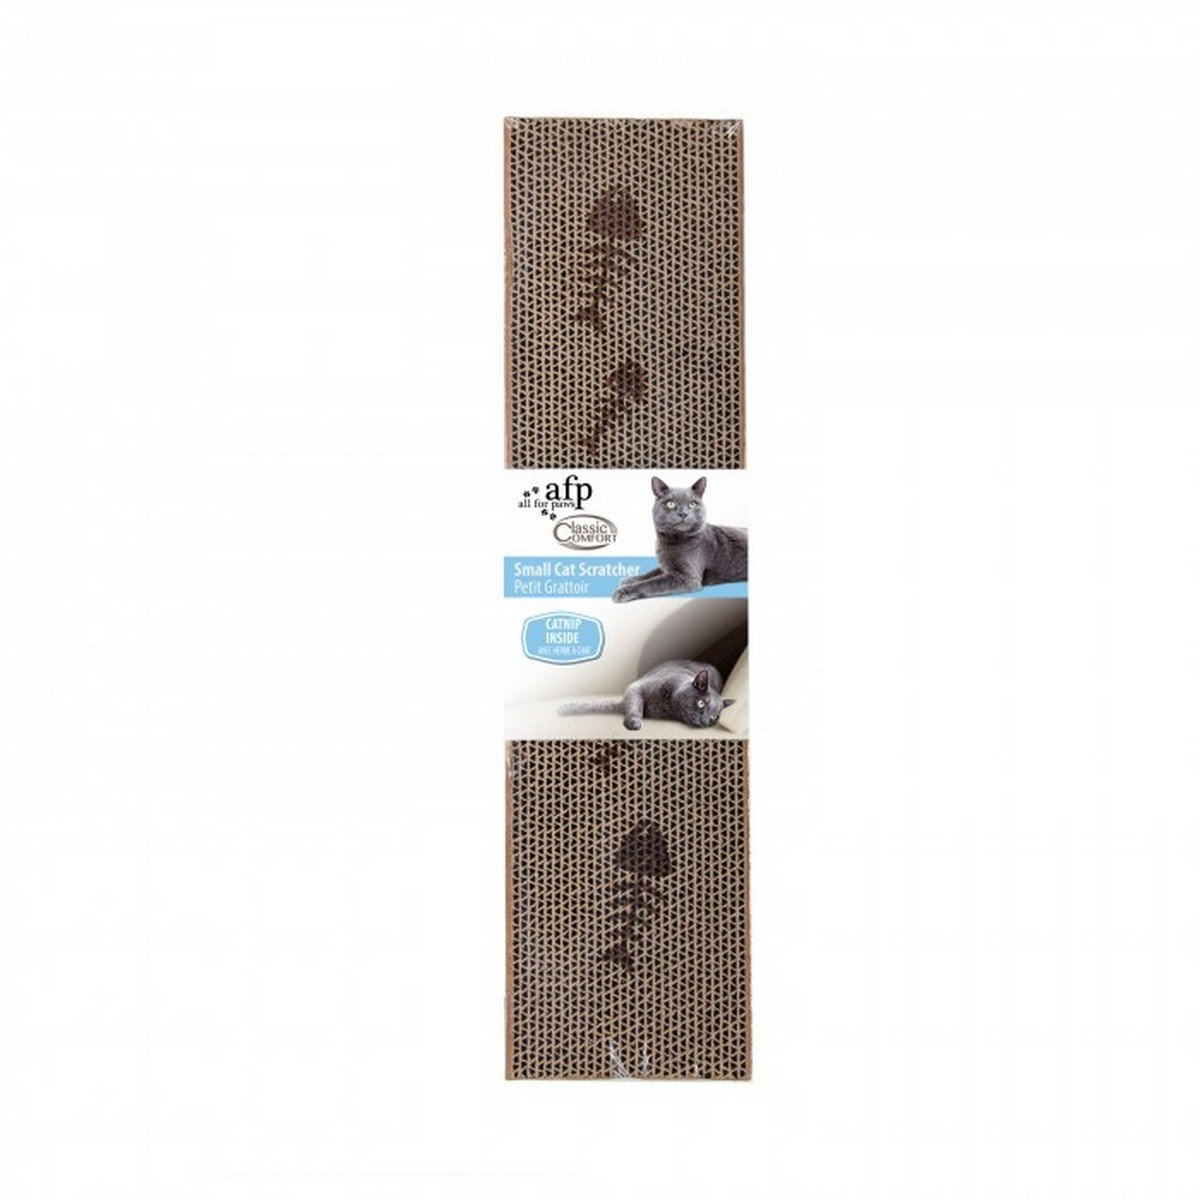 Afbeelding van Afp Cardboard Scratcher met Catnip Regular 44 x 11 cm